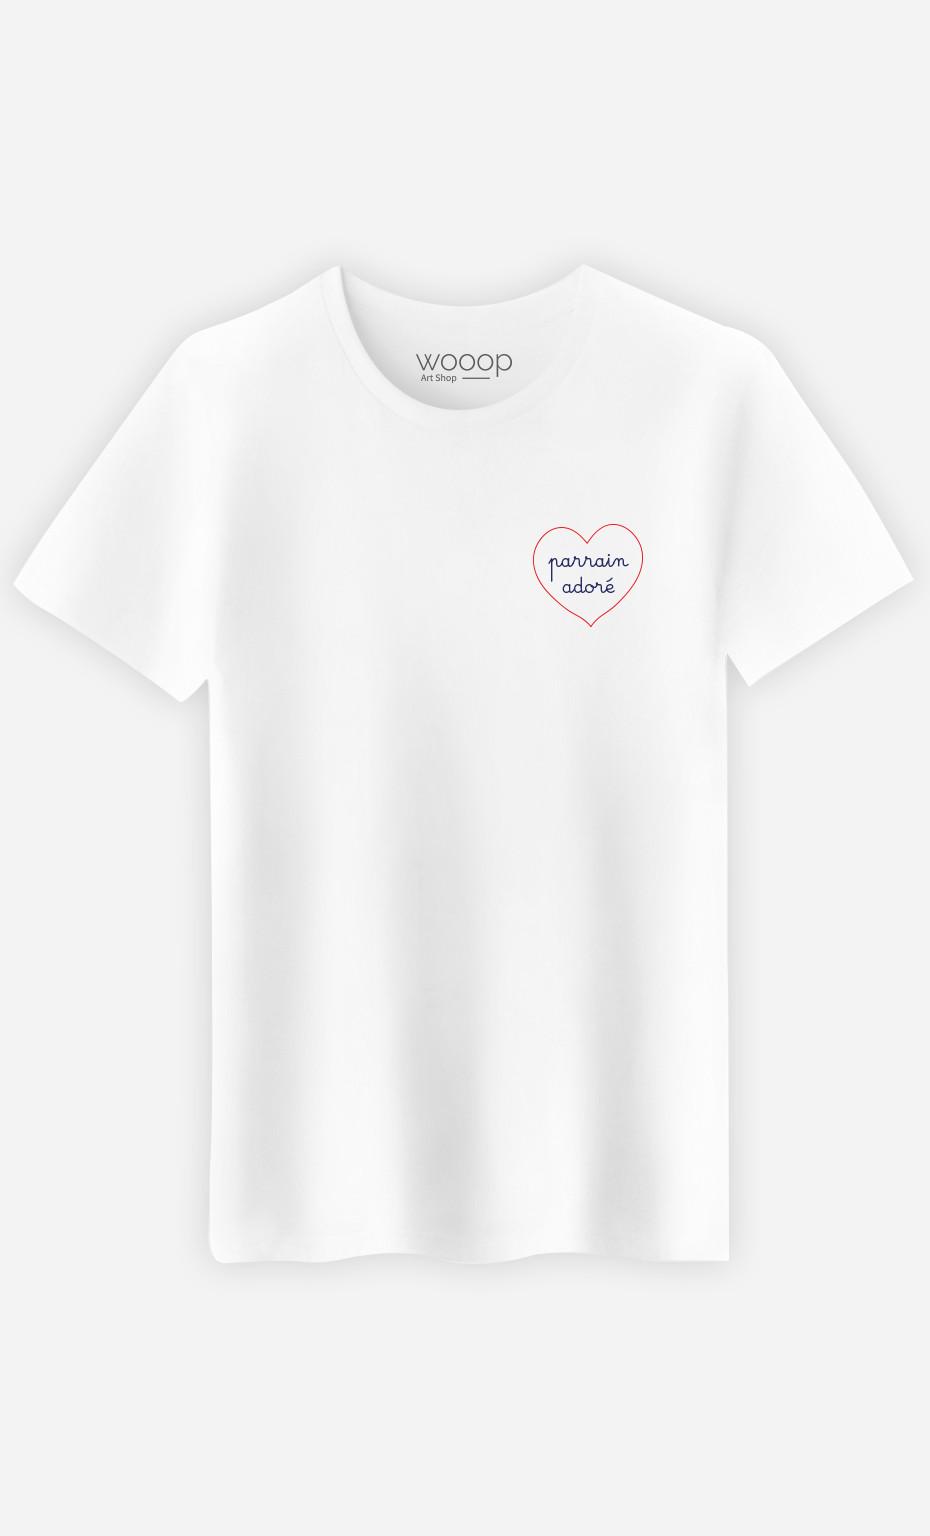 T-Shirt Homme Parrain Adore Cœur